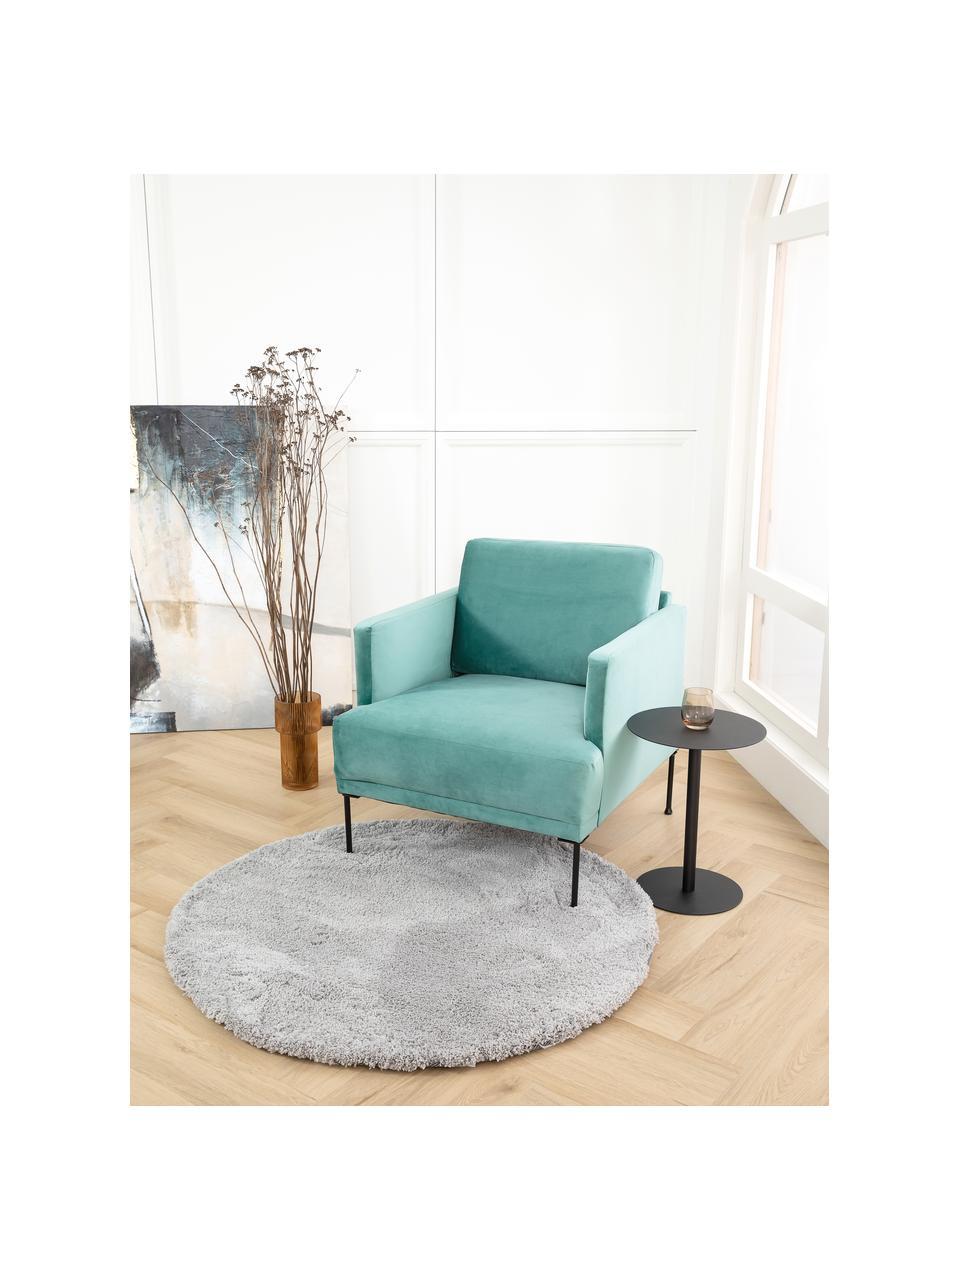 Fluwelen fauteuil Fluente in lichtgroen met metalen poten, Bekleding: fluweel (hoogwaardig poly, Frame: massief grenenhout, Poten: gepoedercoat metaal, Fluweel lichtgroen, B 74 x D 85 cm